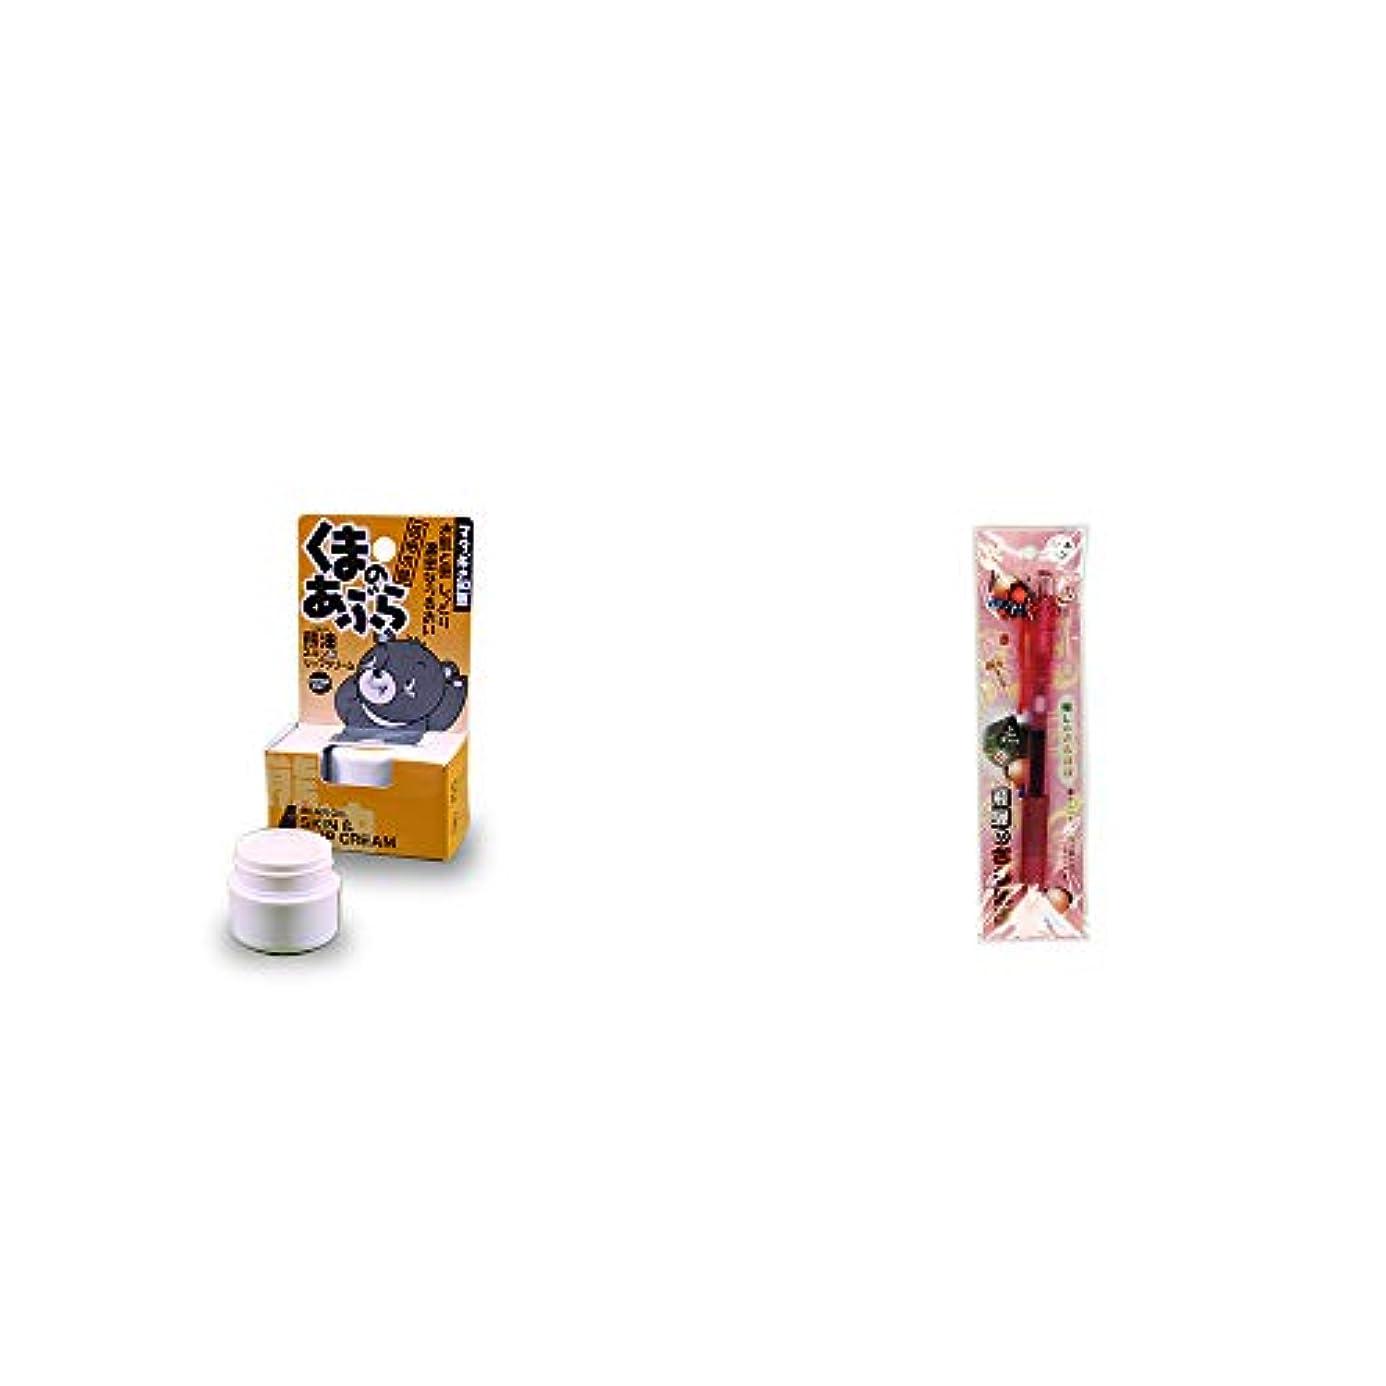 グリット回る炎上[2点セット] 信州木曽 くまのあぶら 熊油スキン&リップクリーム(9g)?さるぼぼ 癒しボールペン 【ピンク】